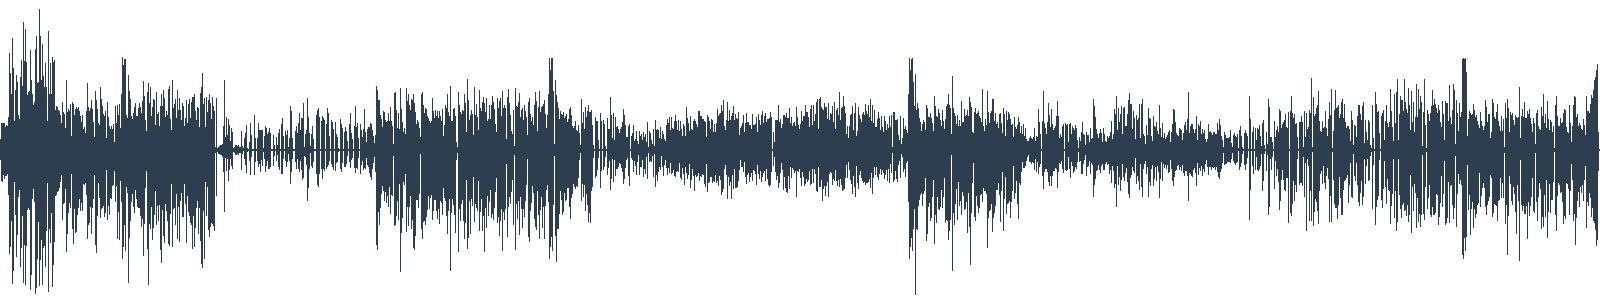 Národní třída (Audiokniha roku 2013) waveform